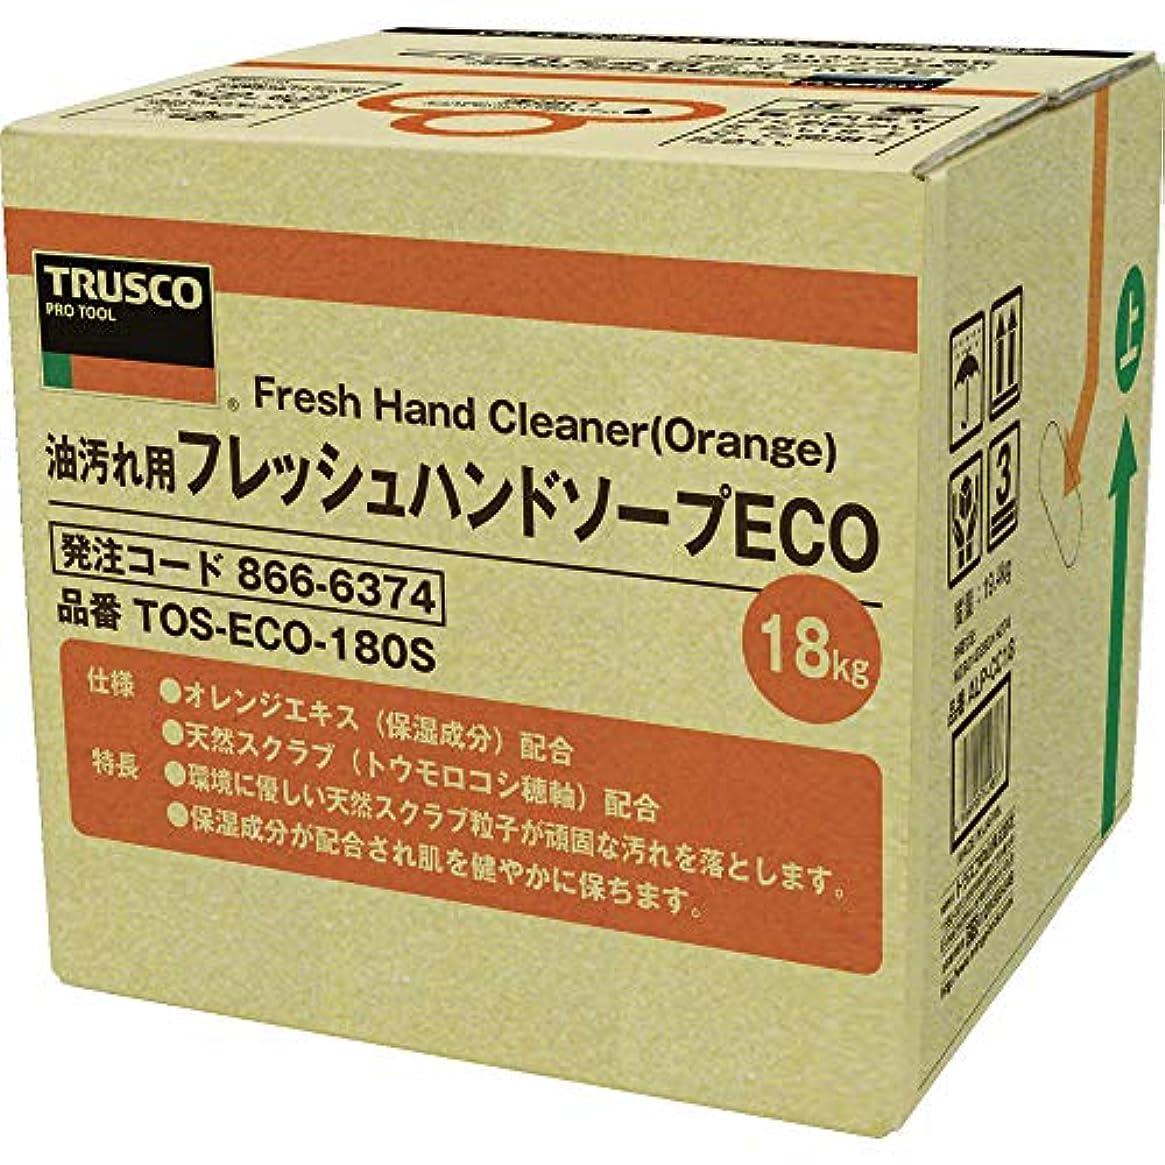 奇跡的な前者コメンテーターTRUSCO(トラスコ) フレッシュハンドソープECO 18L 詰替 バッグインボックス TOSECO180S